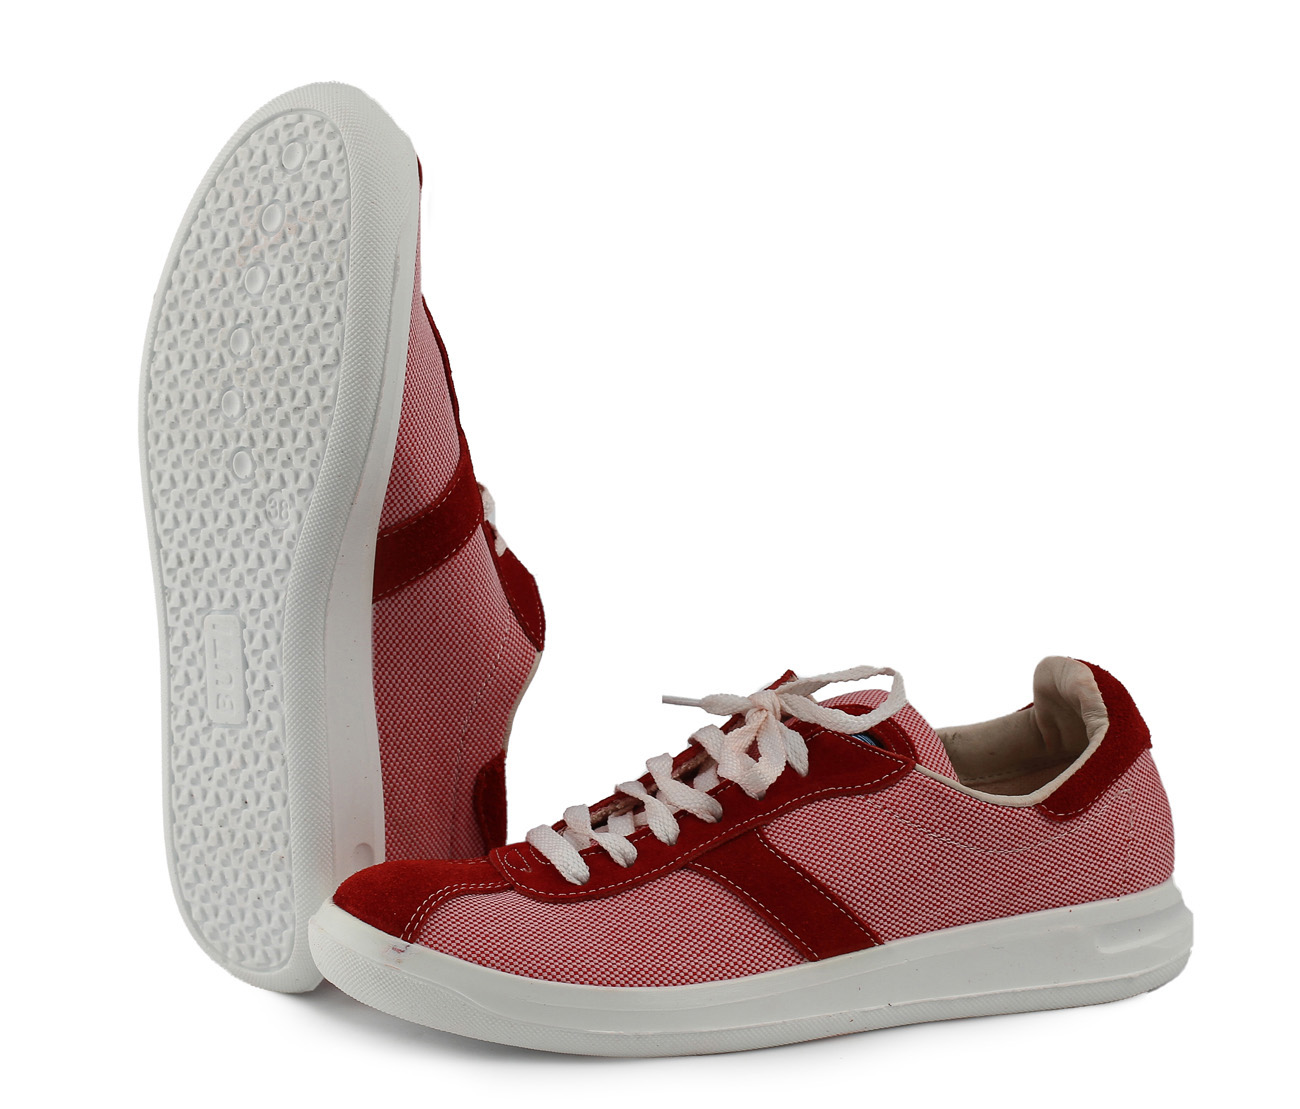 Кроссовки ACTIVE-07 ( женские)Кроссовки<br>Разработки для спортивной обуви удачно <br>воплотились в кроссовках для повседневной <br>носки. Благодаря удобной колодке ноги не <br>устают в течение дня. Полиуретановая подошва <br>отличается надежностью и долговечностью. <br>Каждая пара в индивидуальной упаковке.<br><br>Пол: женский<br>Сезон: лето